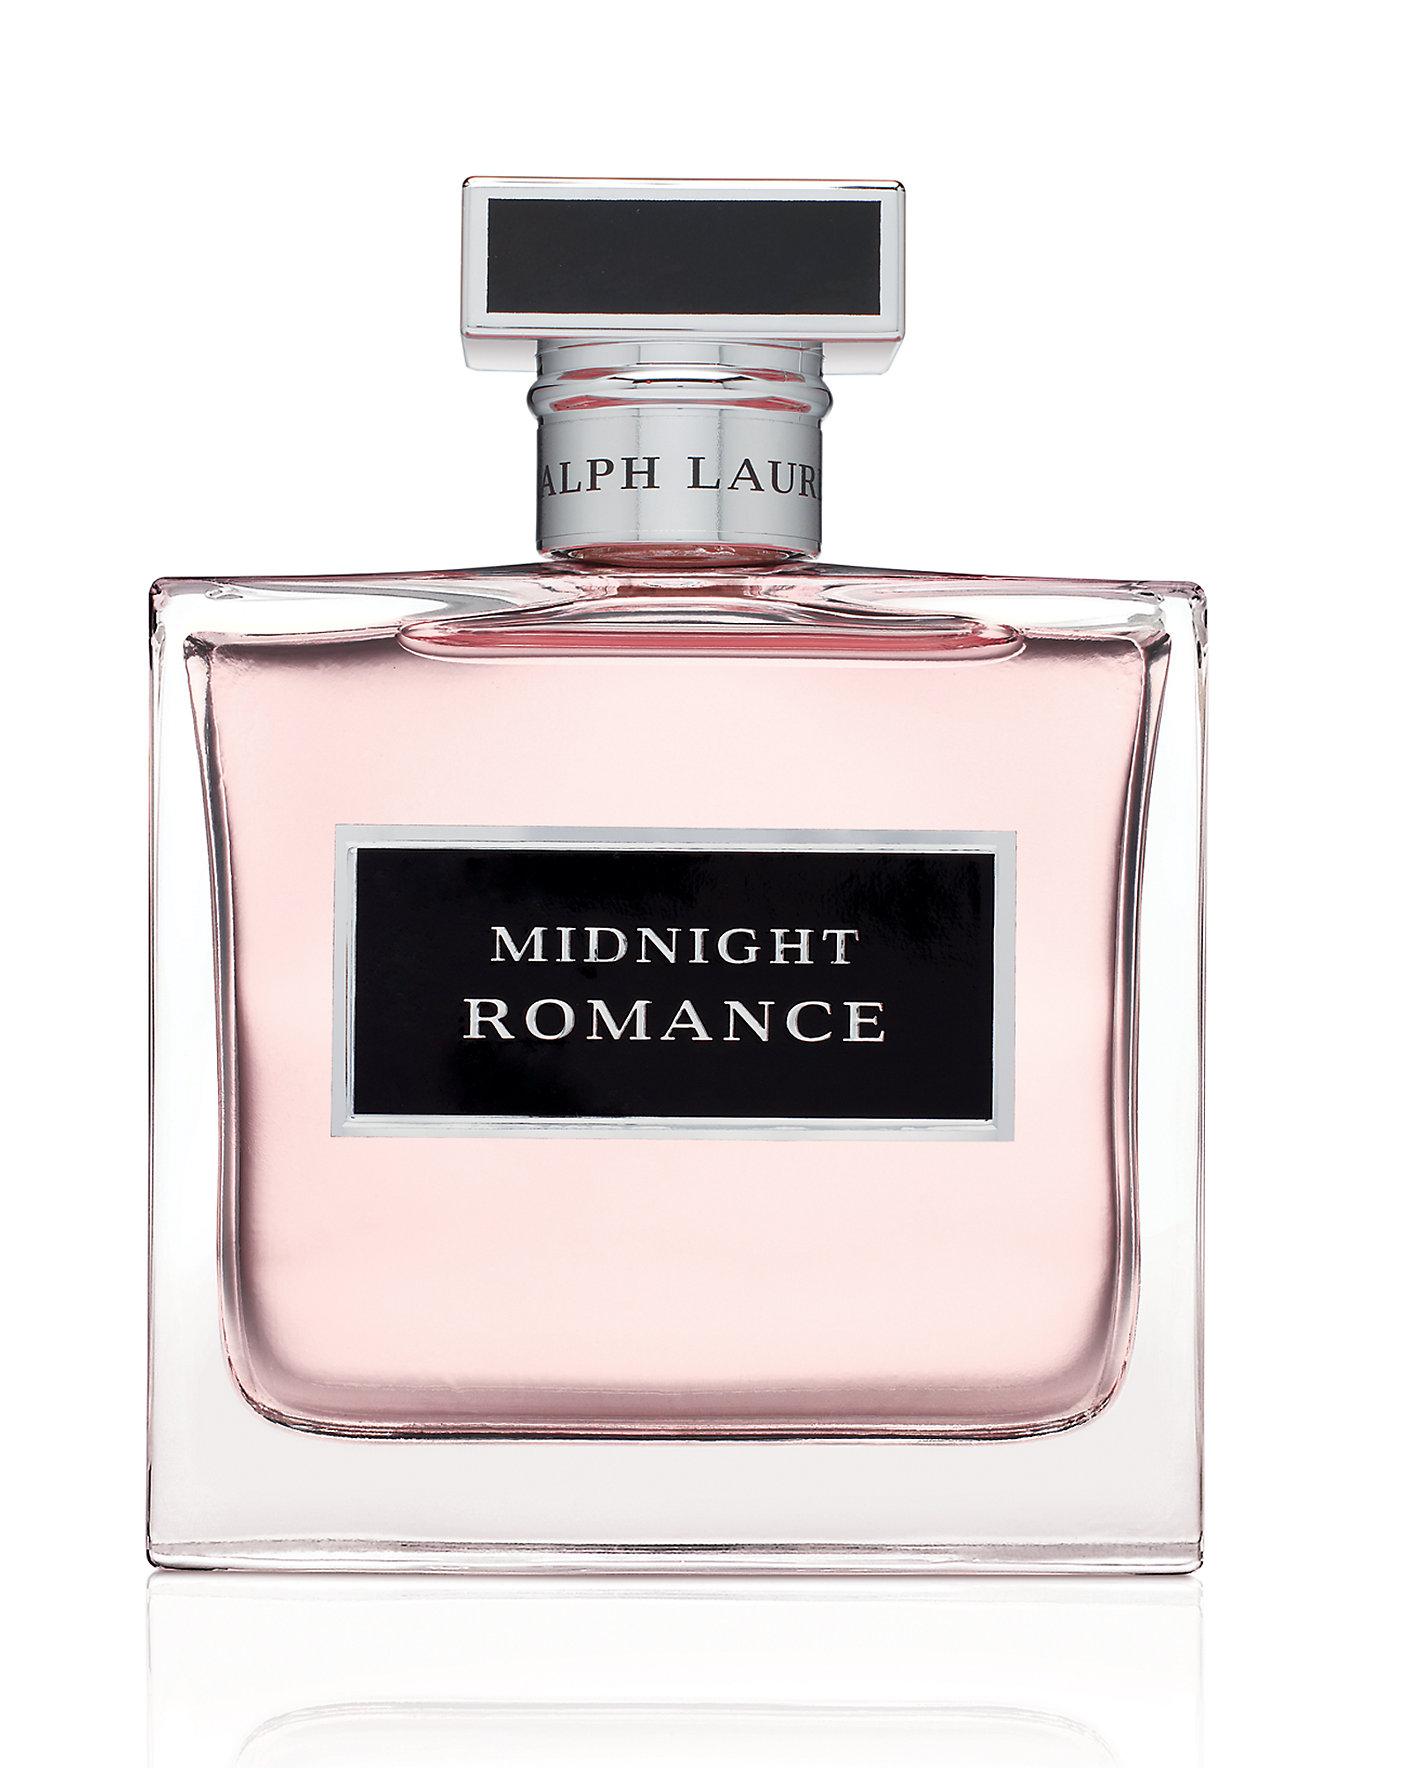 น้ำหอม Ralph Lauren Midnight Romance Eau de Parfum 100ml. กล่องเทสเตอร์ไม่มีฝา